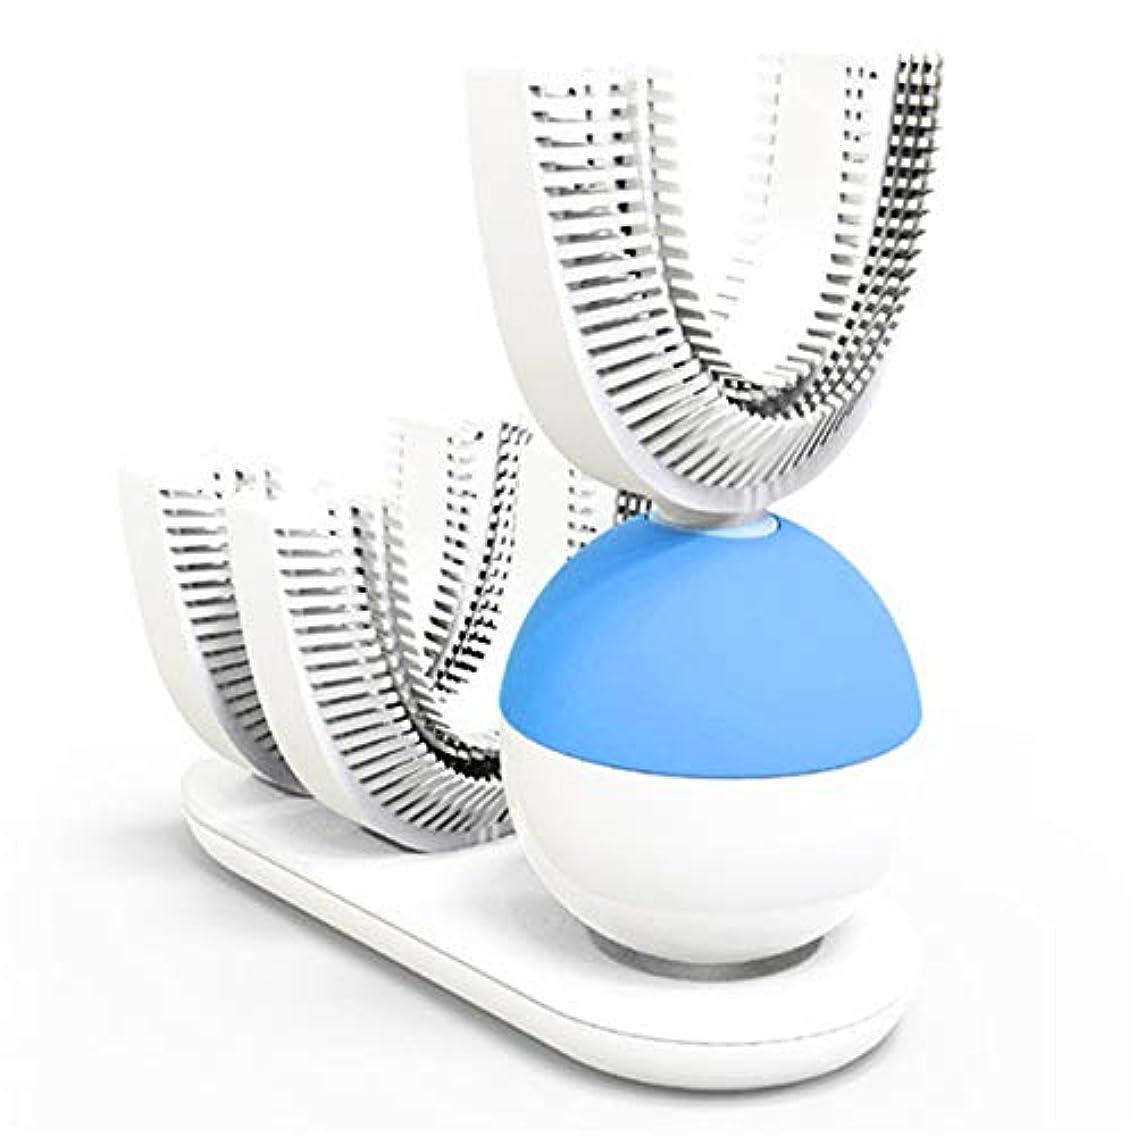 治世引退する推定電動歯ブラシ 自動歯ブラシ U型 360°全方位 超音波 怠け者歯ブラシ ワイヤレス充電 歯ブラシヘッド付き